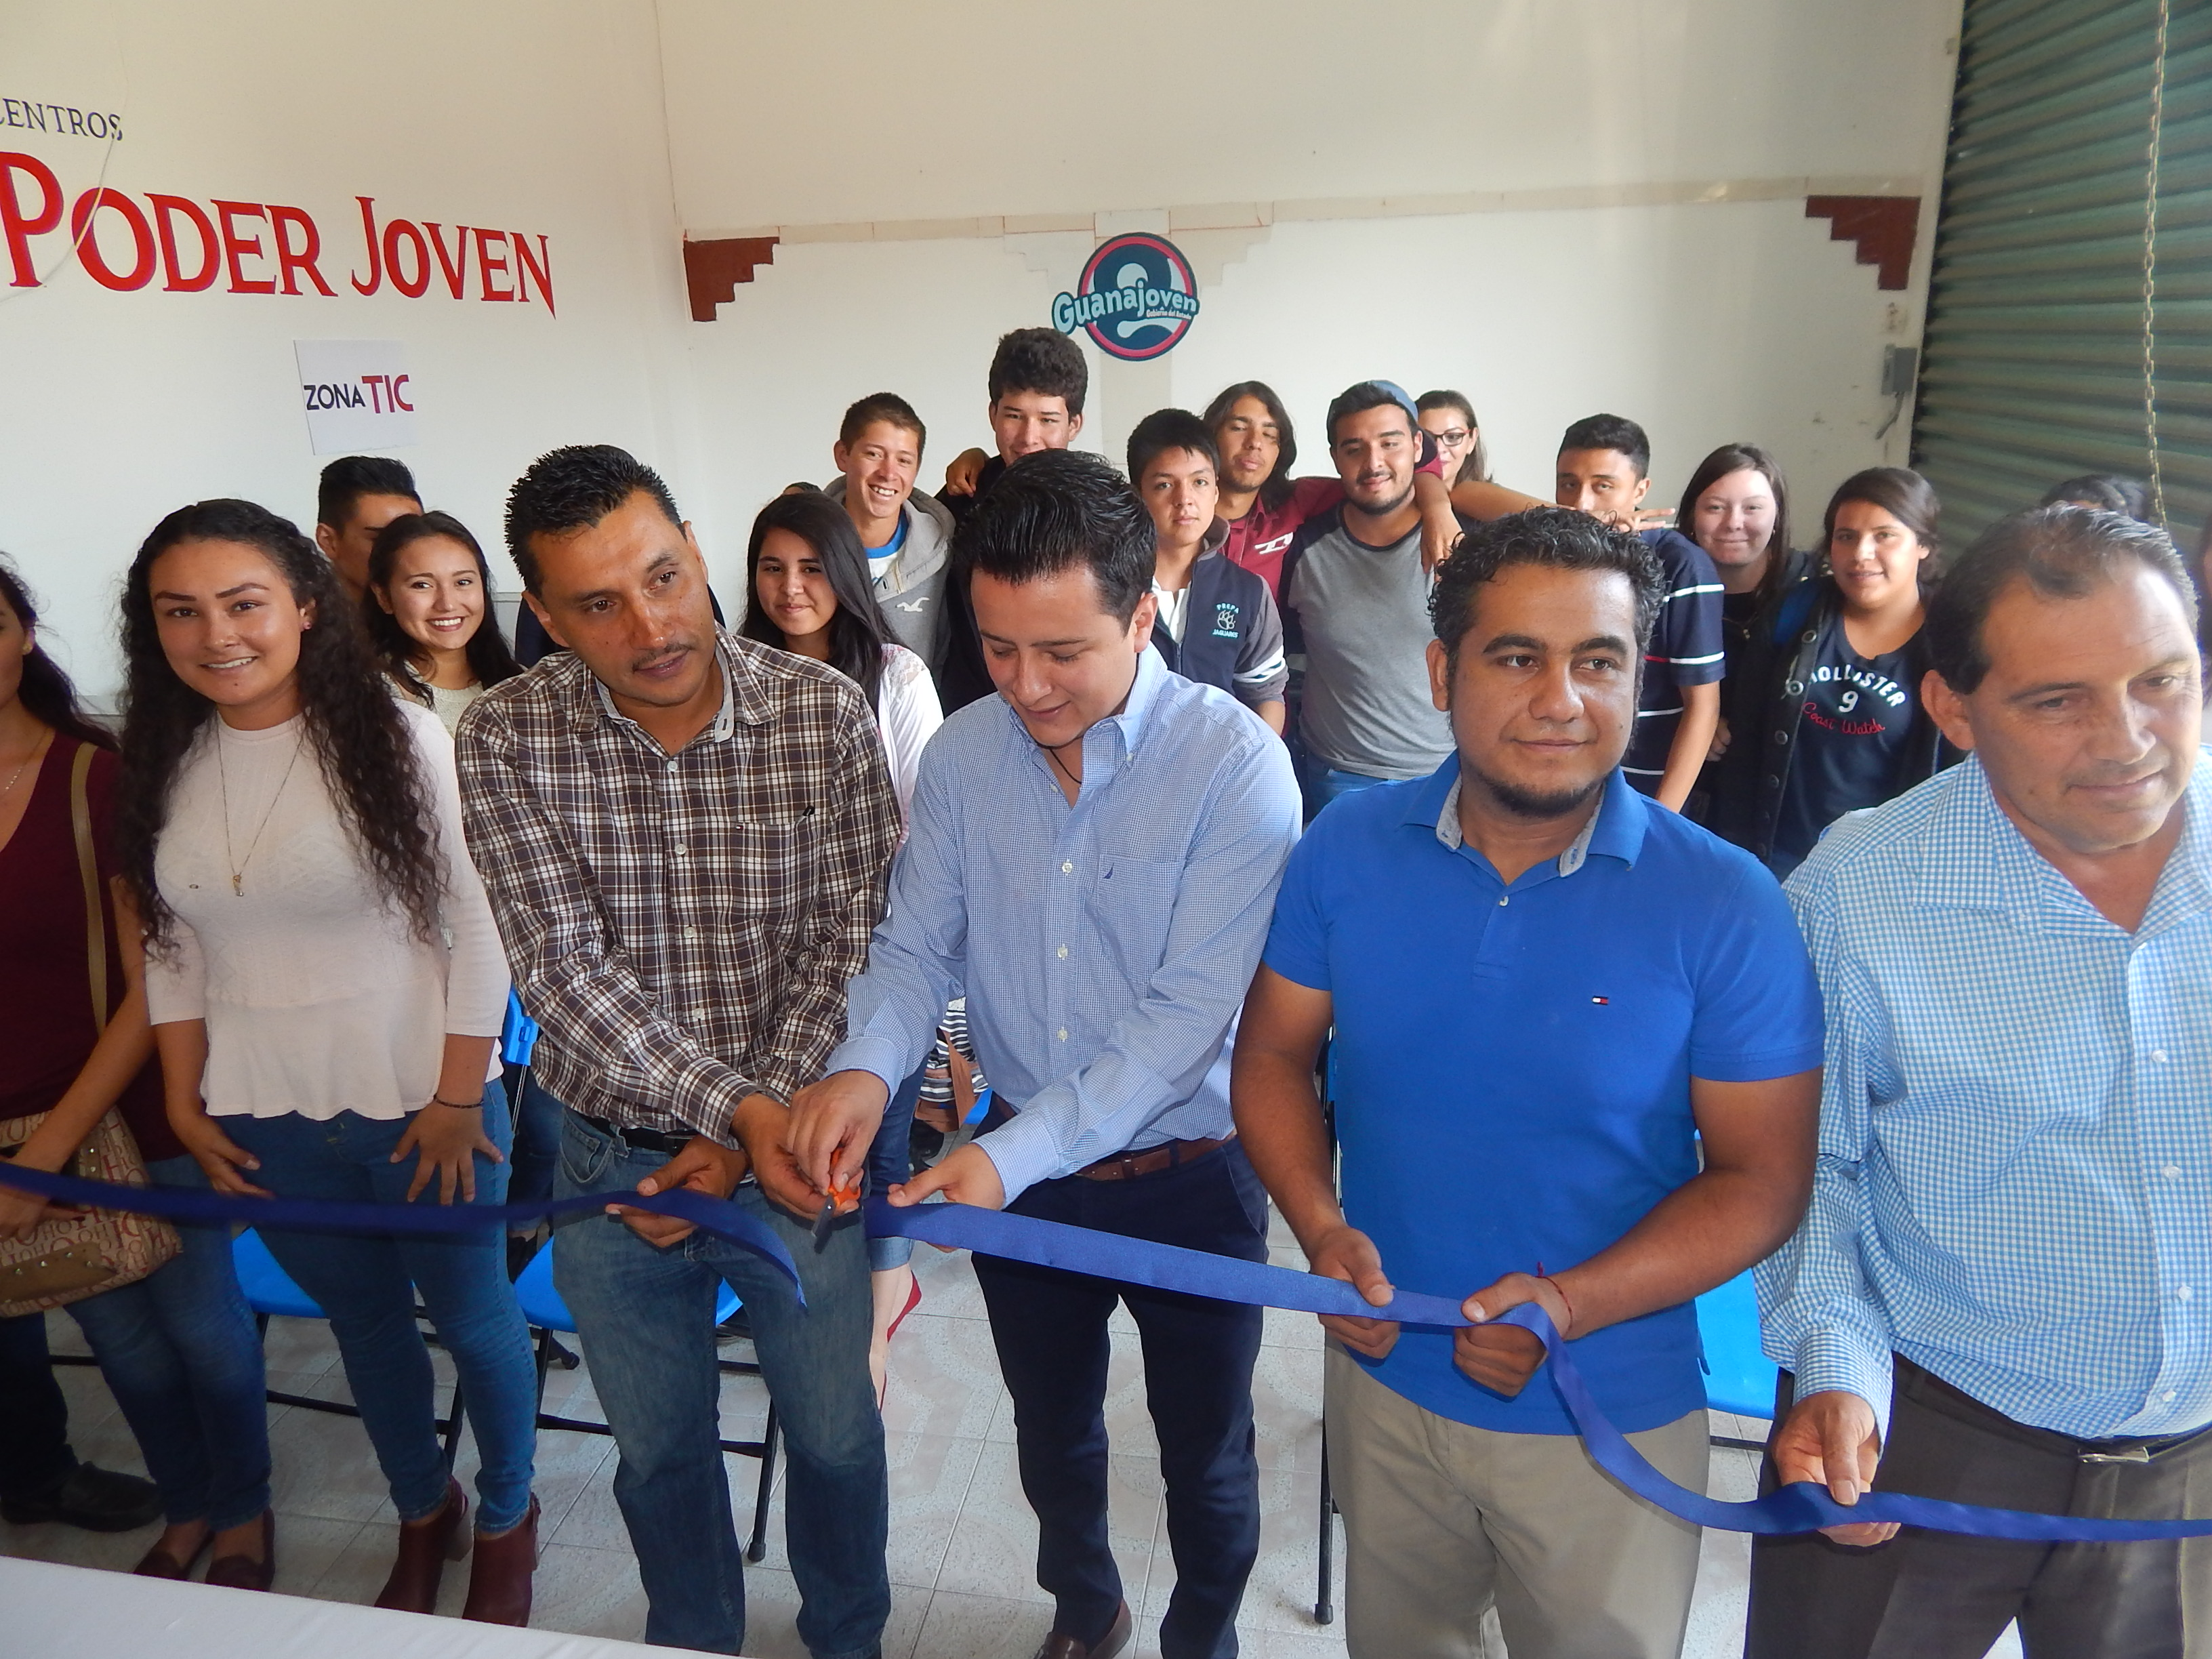 El espacio CJP está ubicado en la calle Zaragoza # 55 de cabecera municipal, es totalmente gratuito para todos los jóvenes a partir de los 12 años y estará abierto en un horario de 8:00 de la mañana a 6:00 de la tarde.